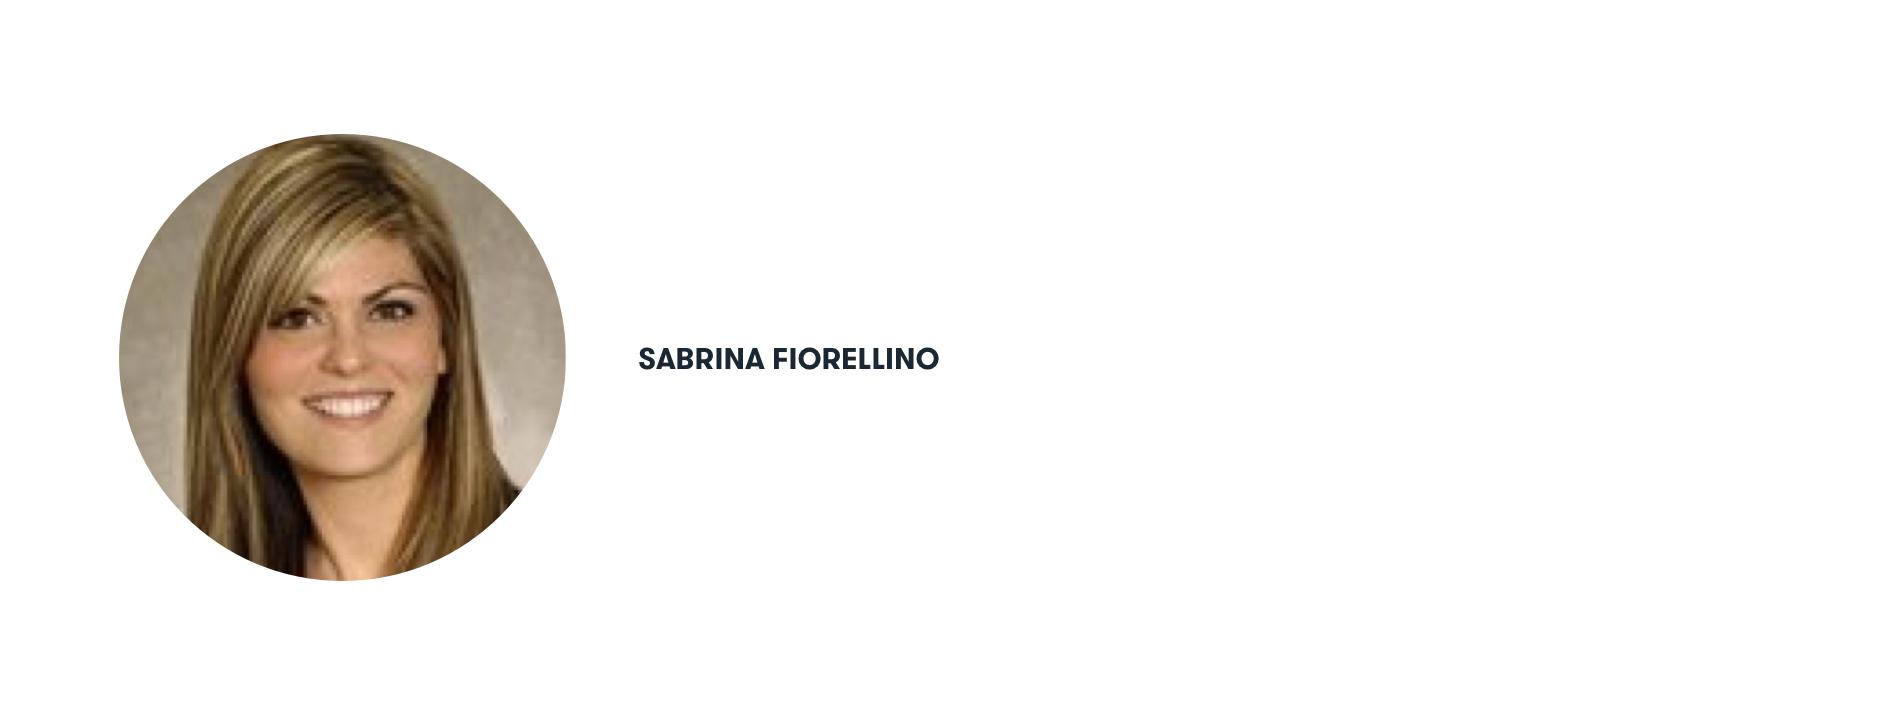 Sabrina Fiorellino